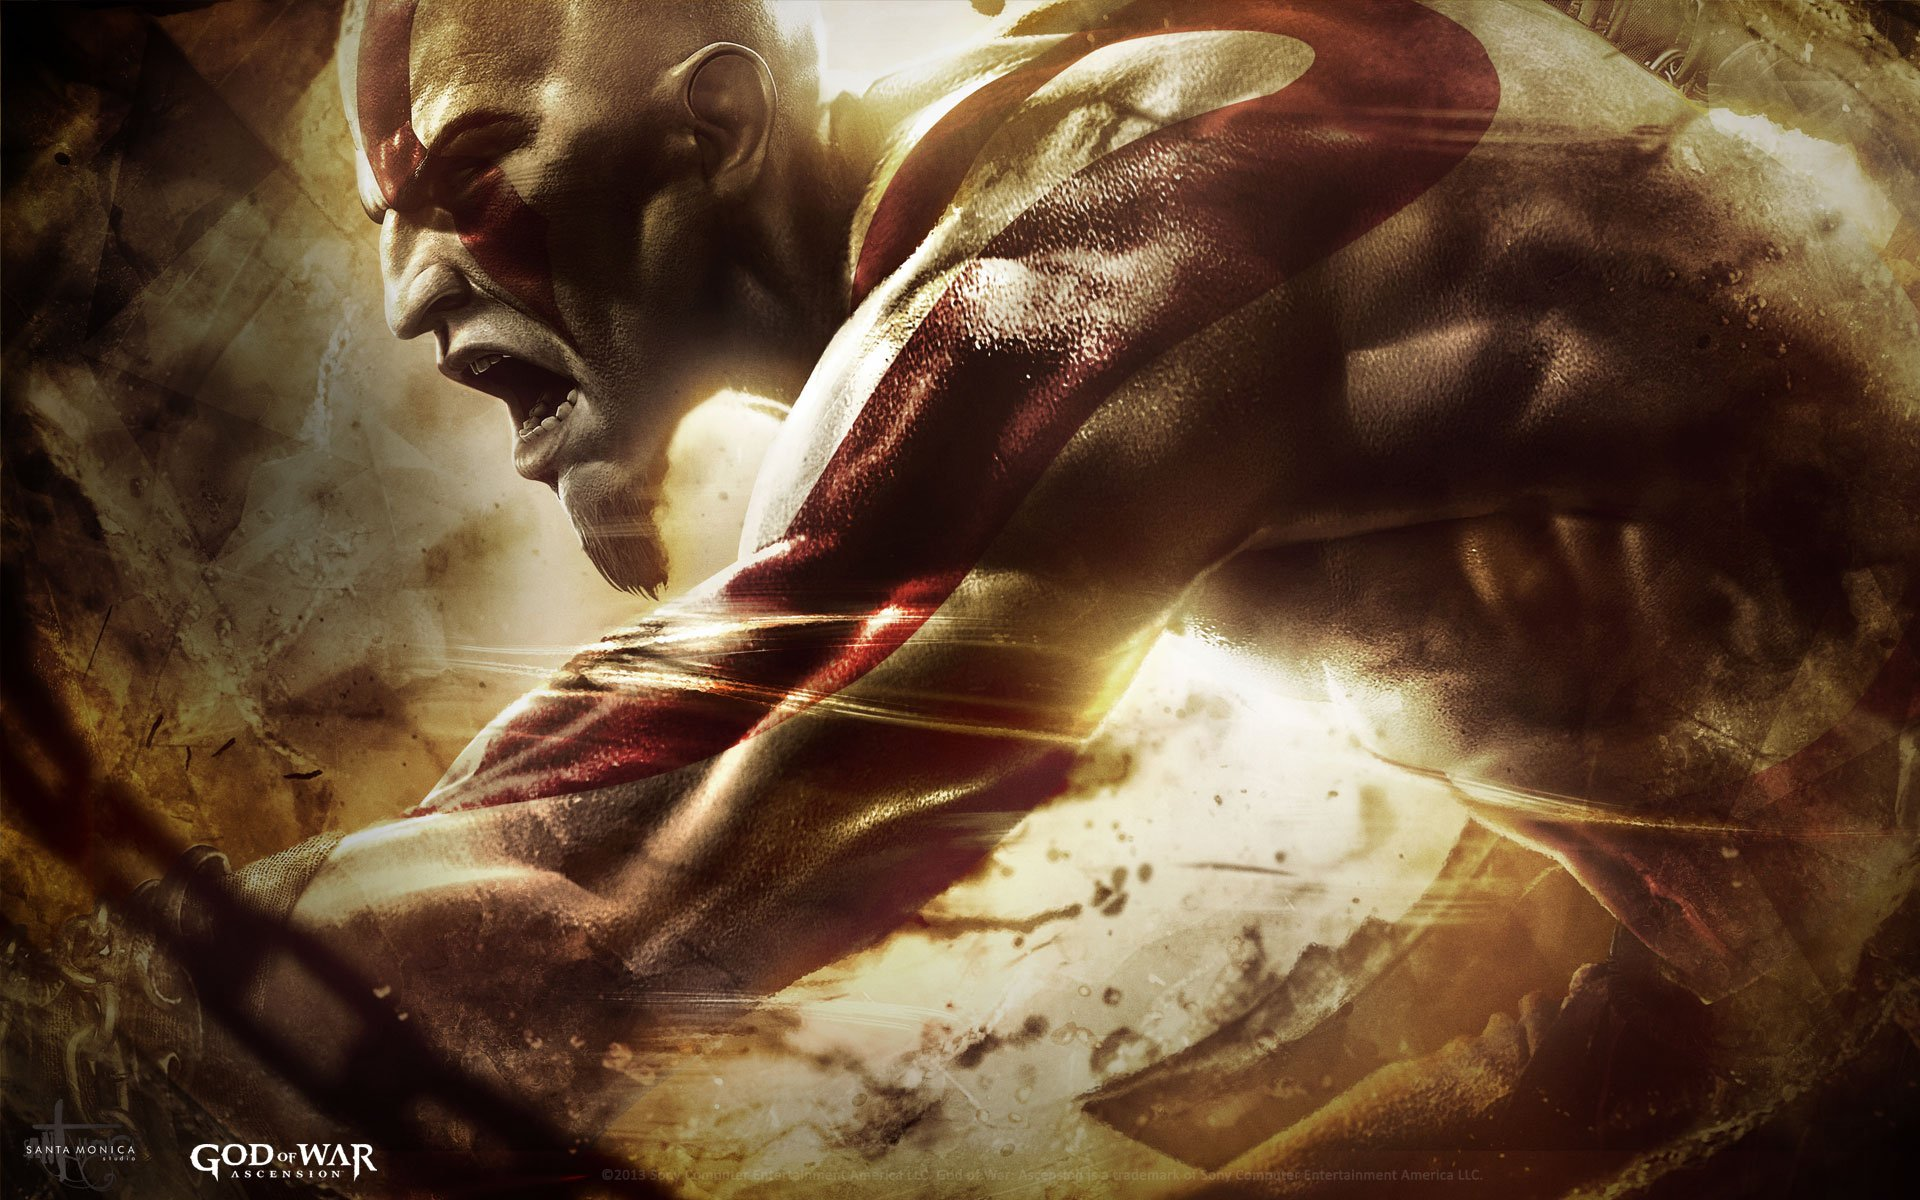 Сегодня все таки прошел God of War: Ascension. И как любитель серии этой игры, я разочарован в некоторых моментах. С ... - Изображение 1